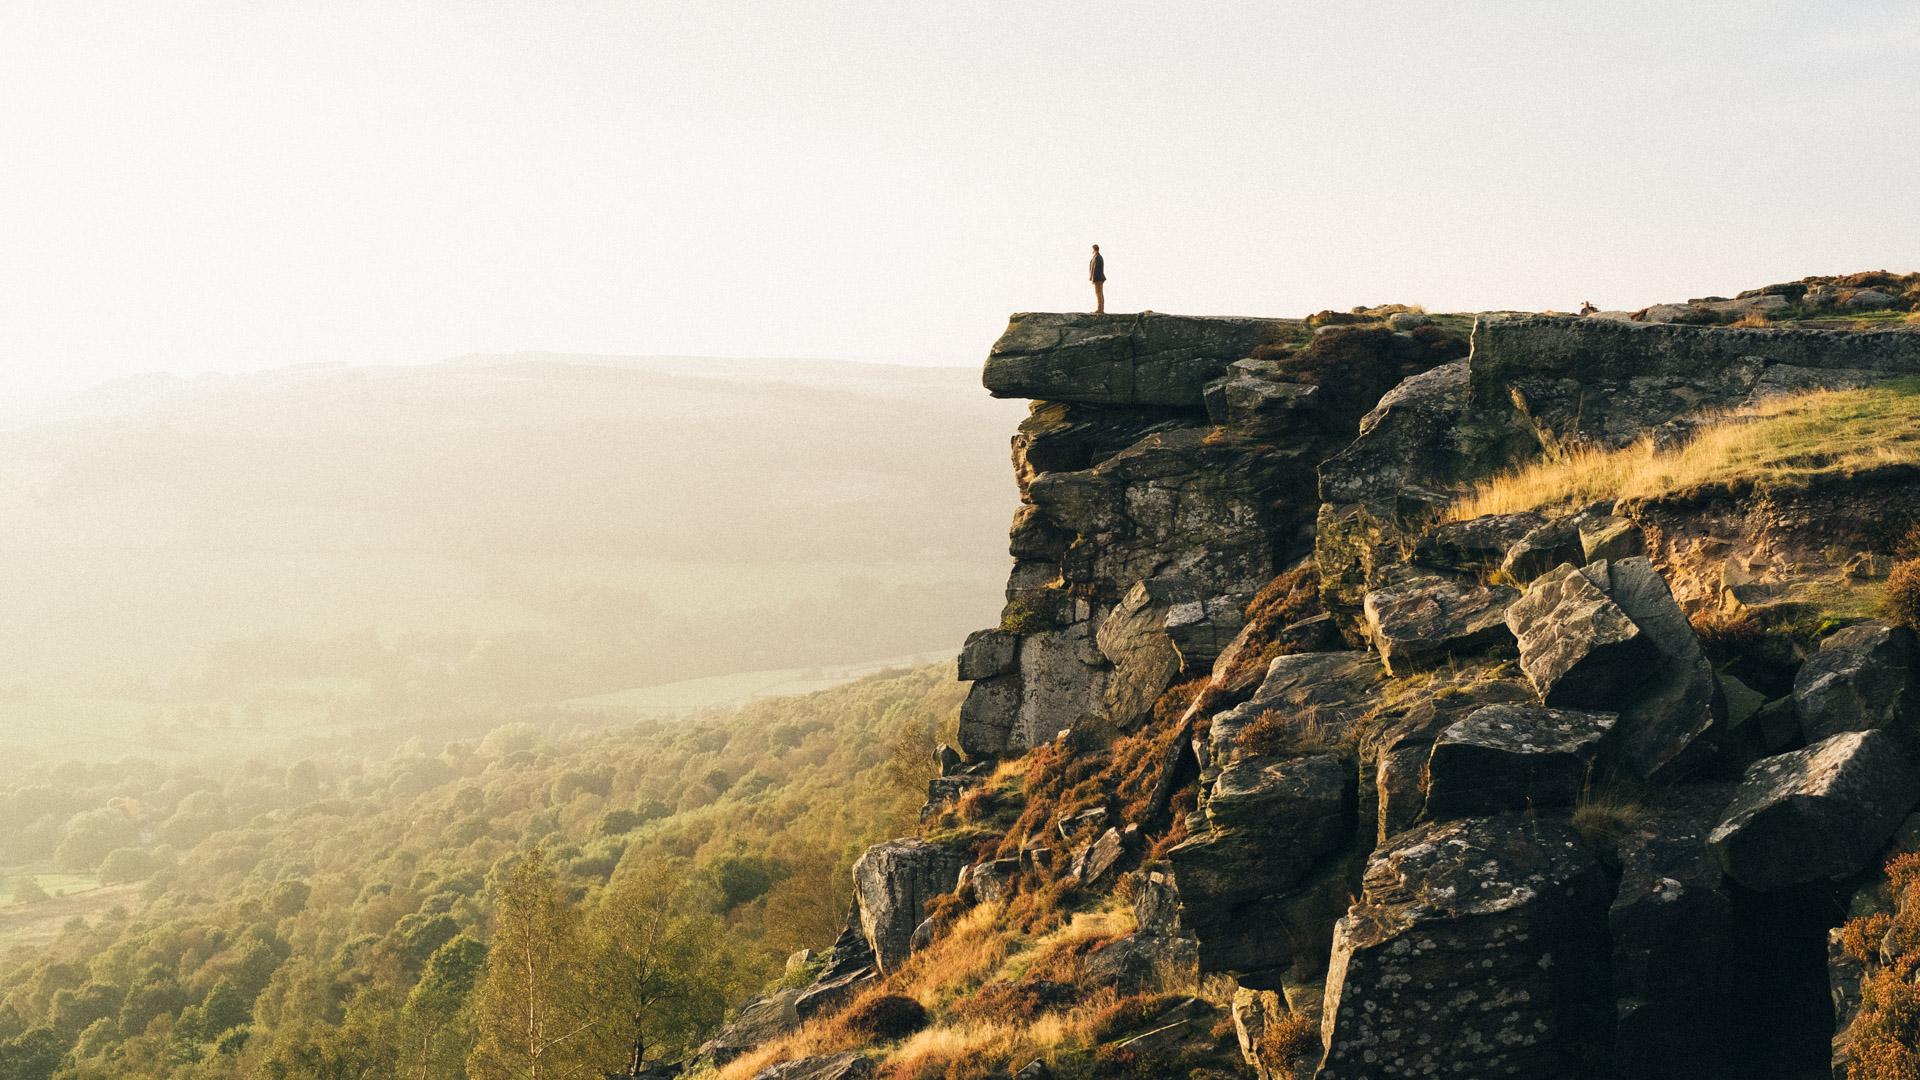 Peak District, Derbyshire, England